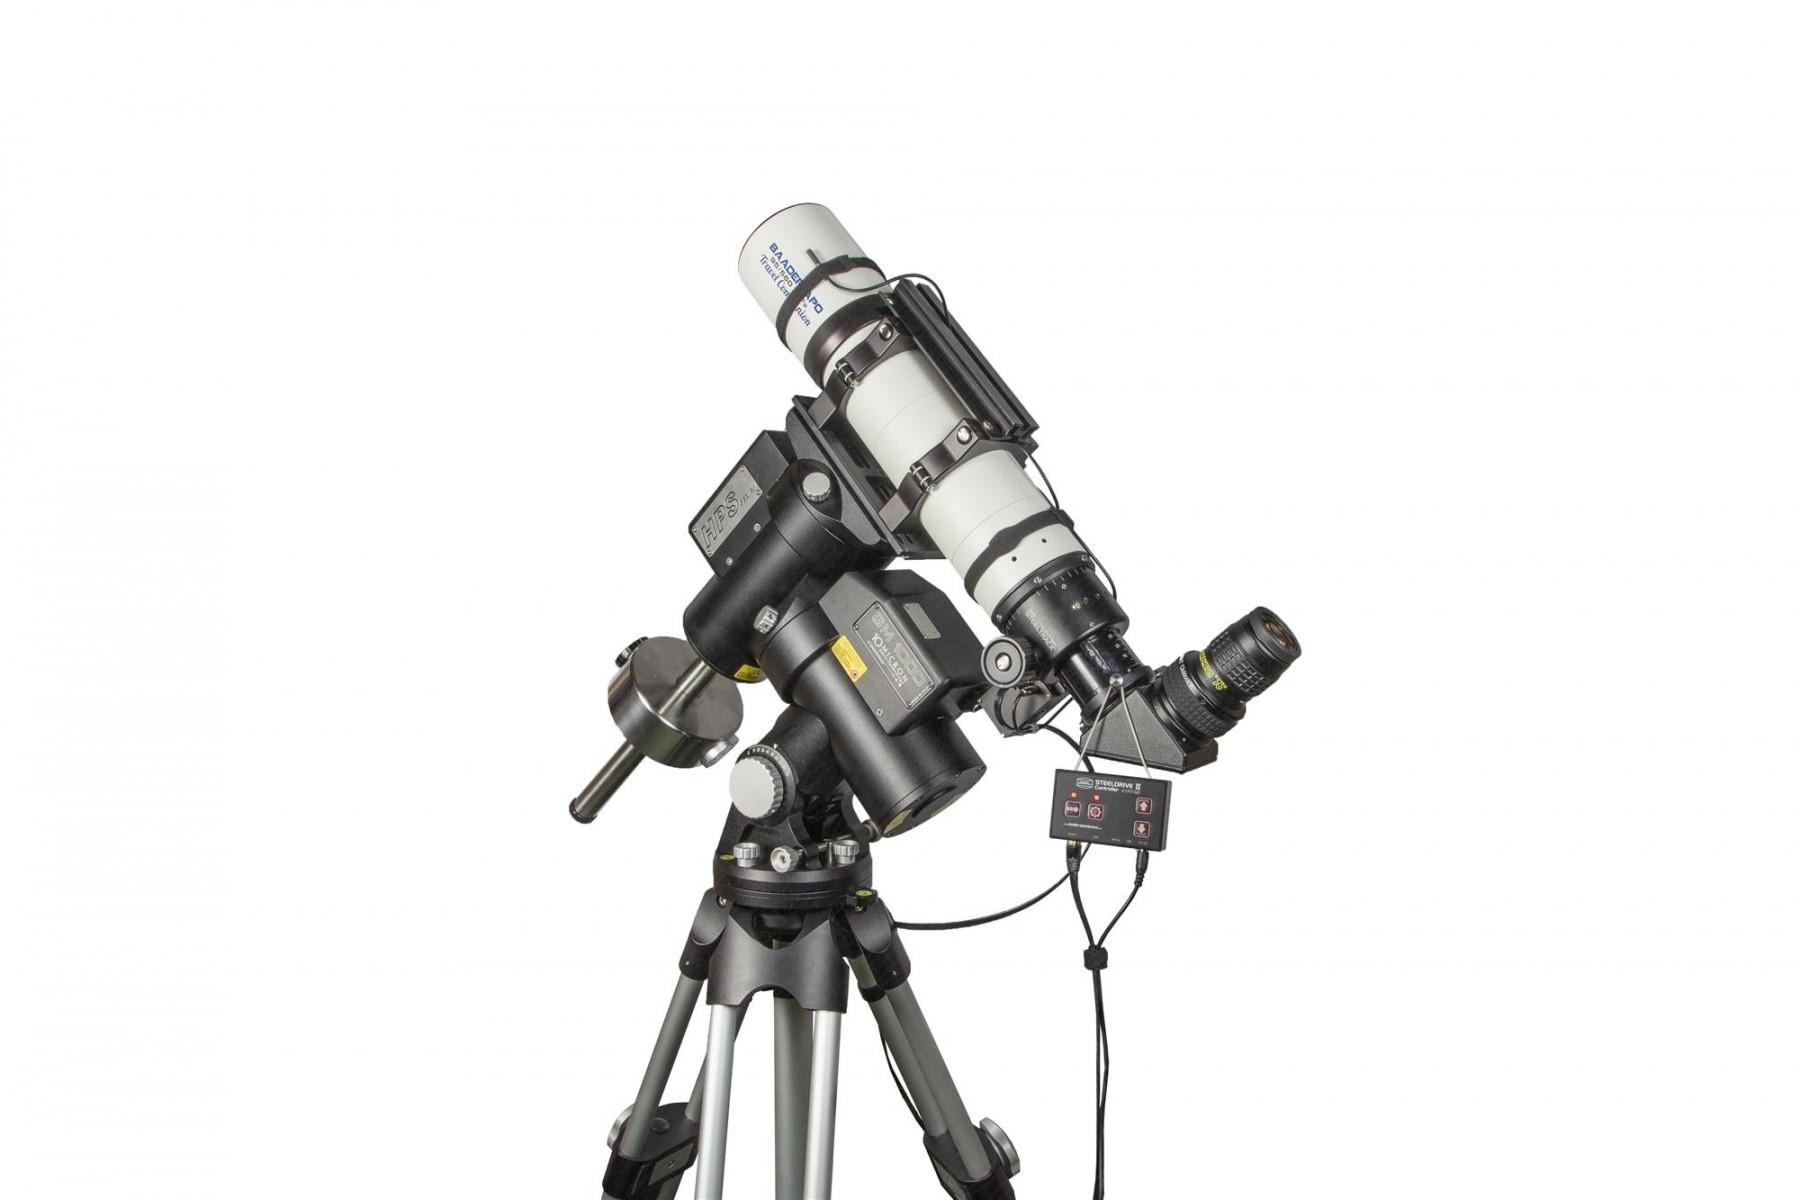 Anwendungsbild: Baader APO mit Steeldrive II Motorfukussierer und Morpheus Okular